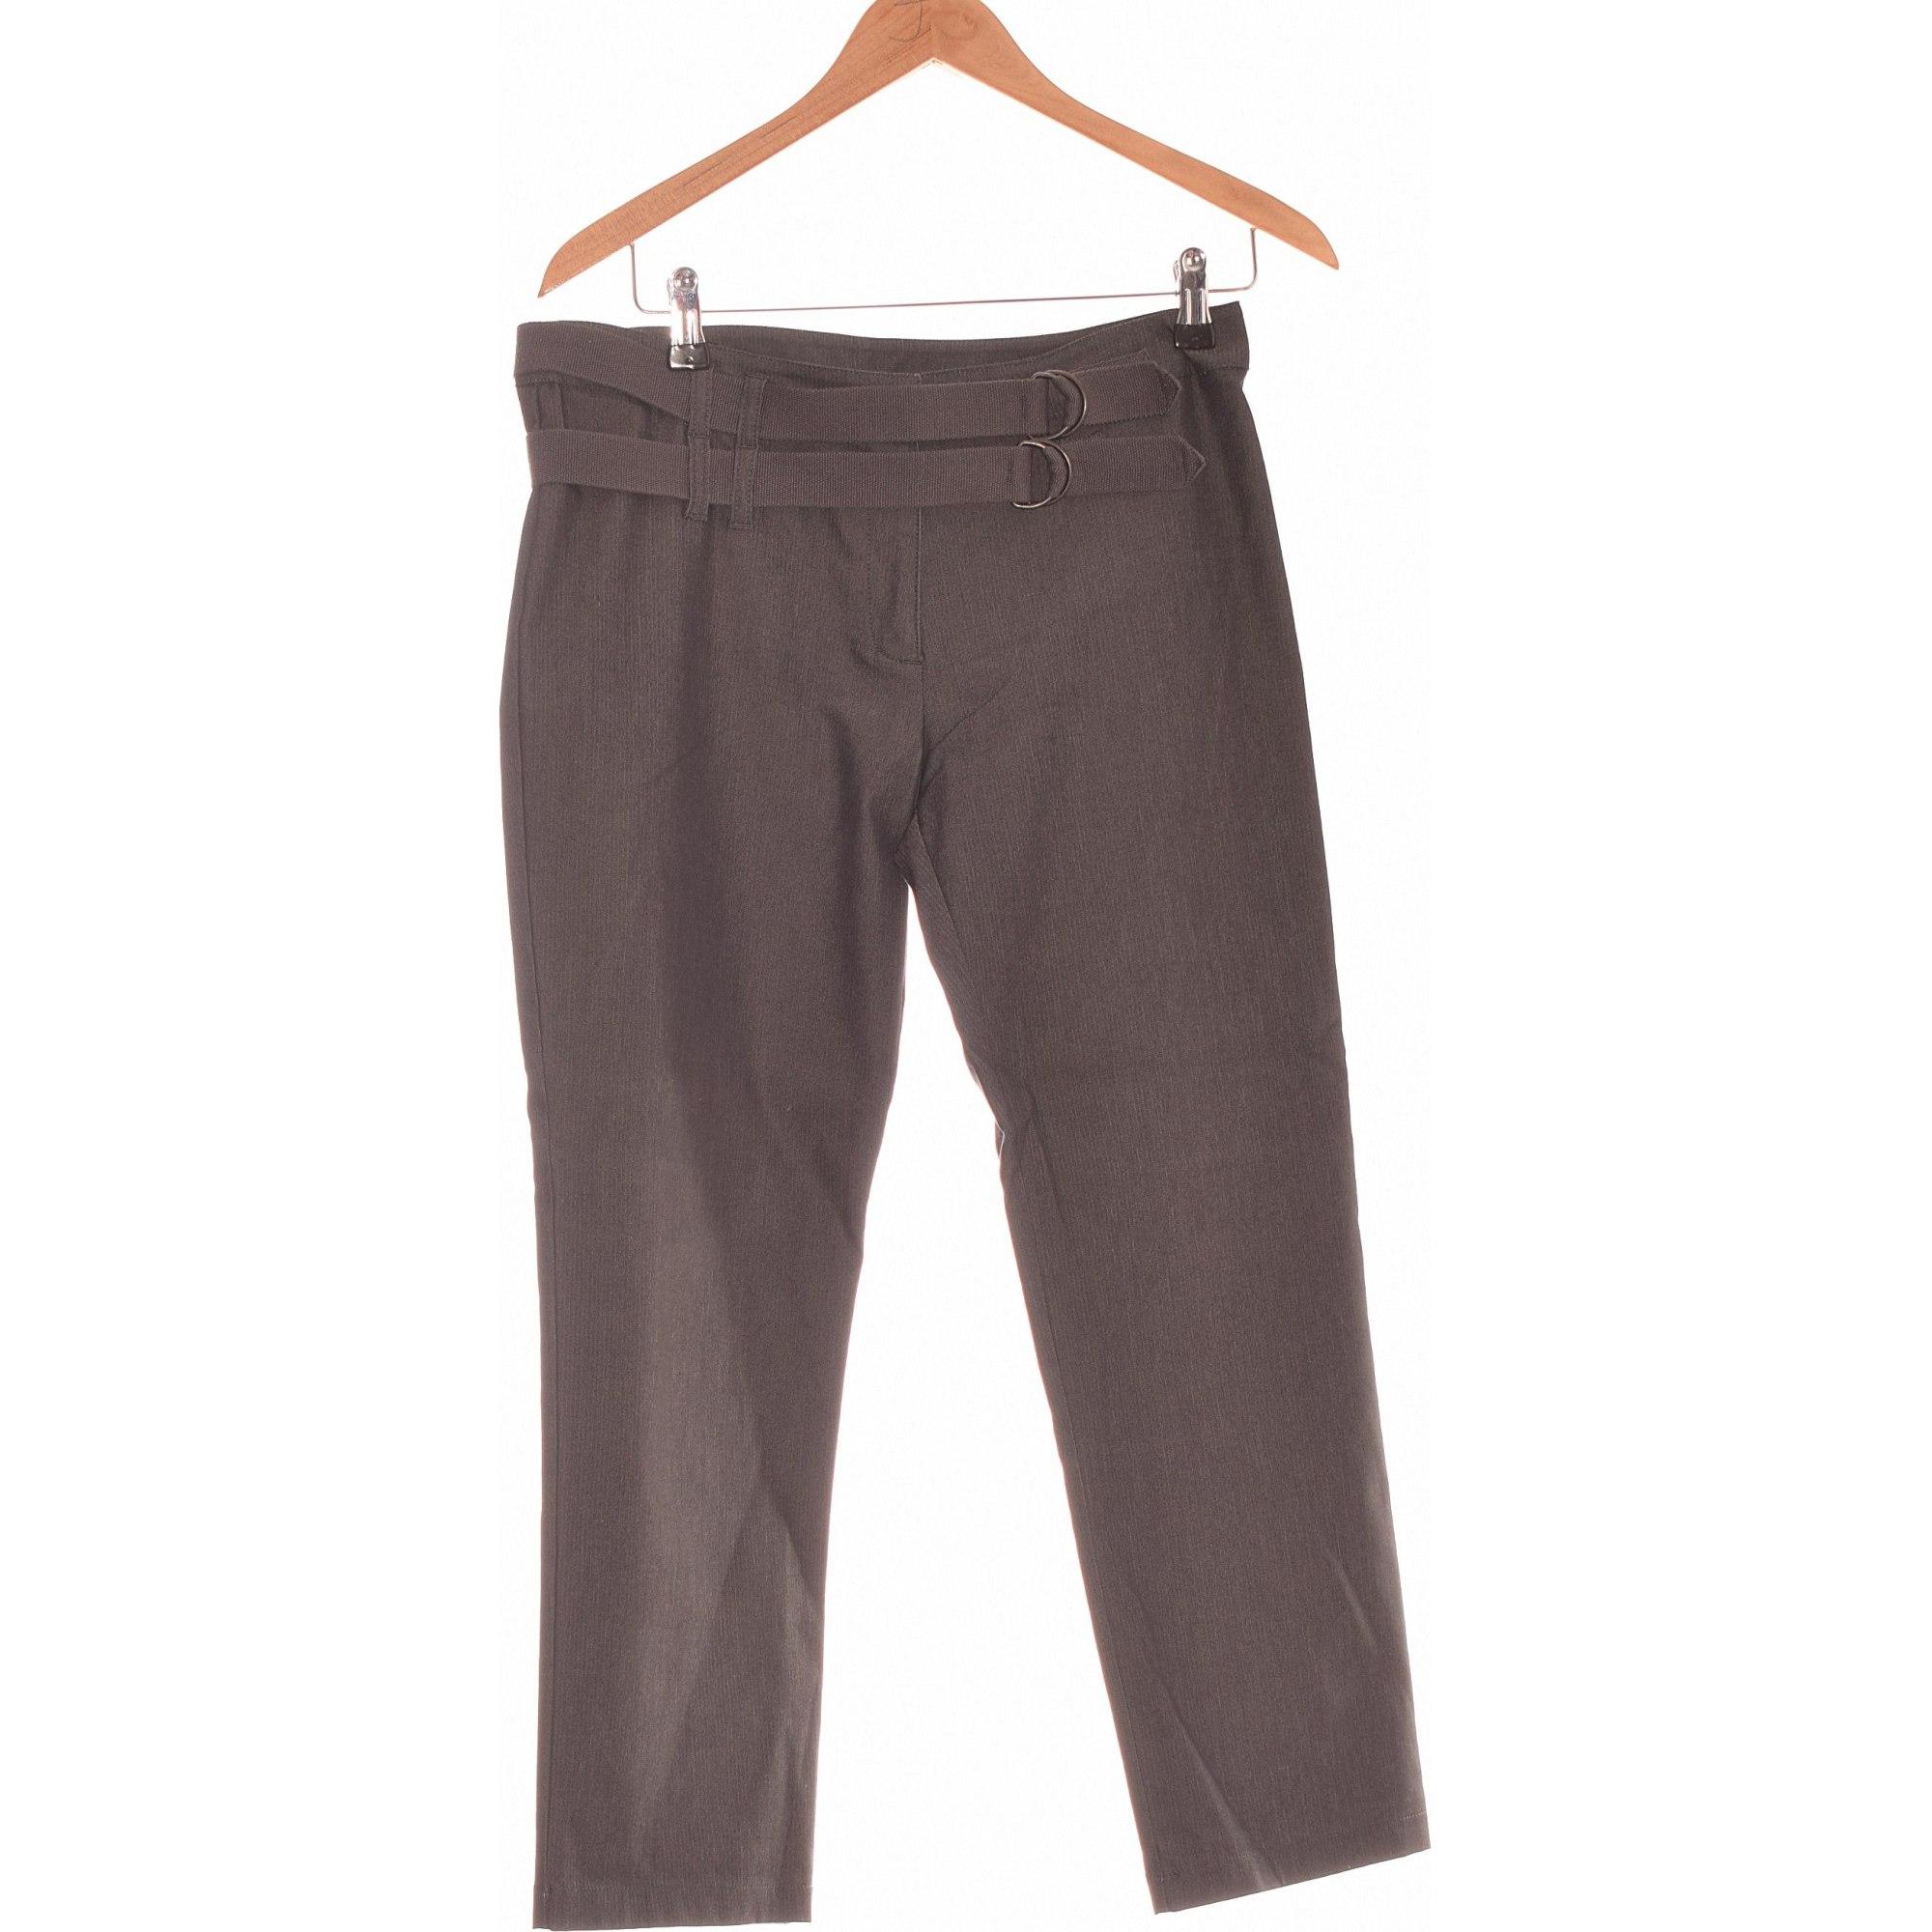 Pantalon droit COP-COPINE Gris, anthracite